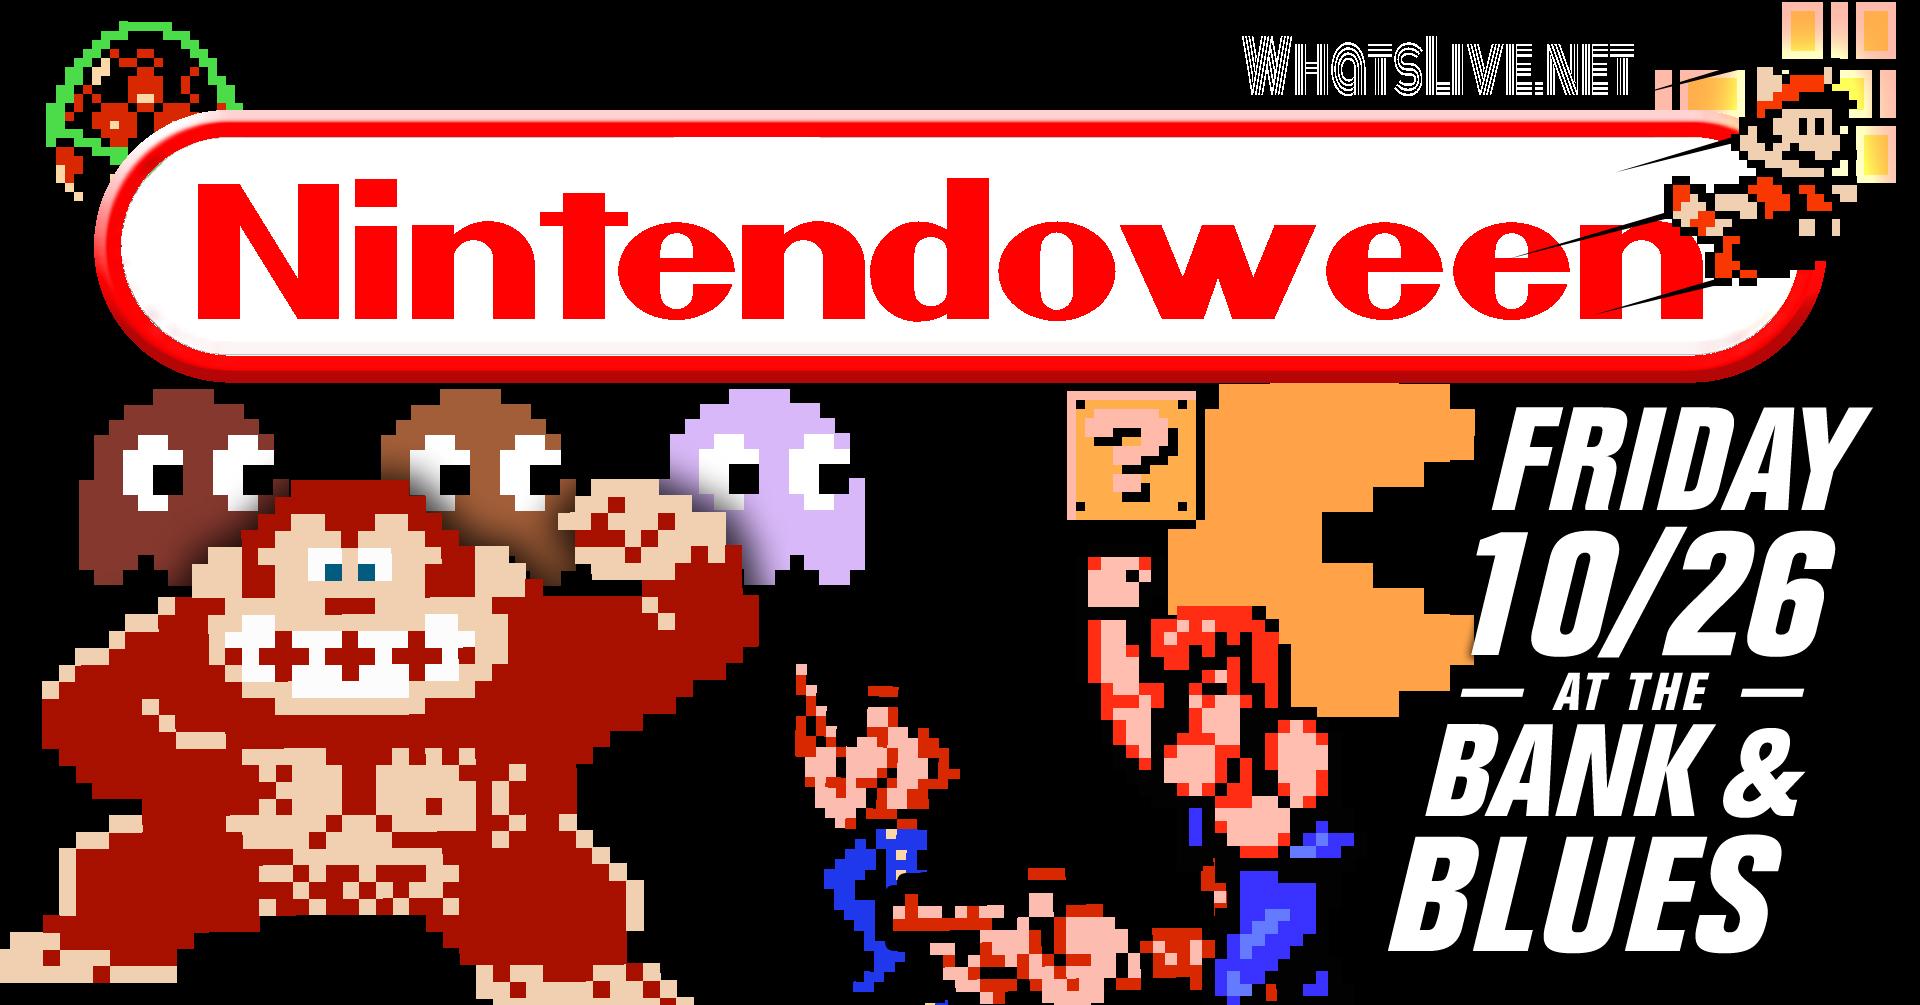 Nintendoween